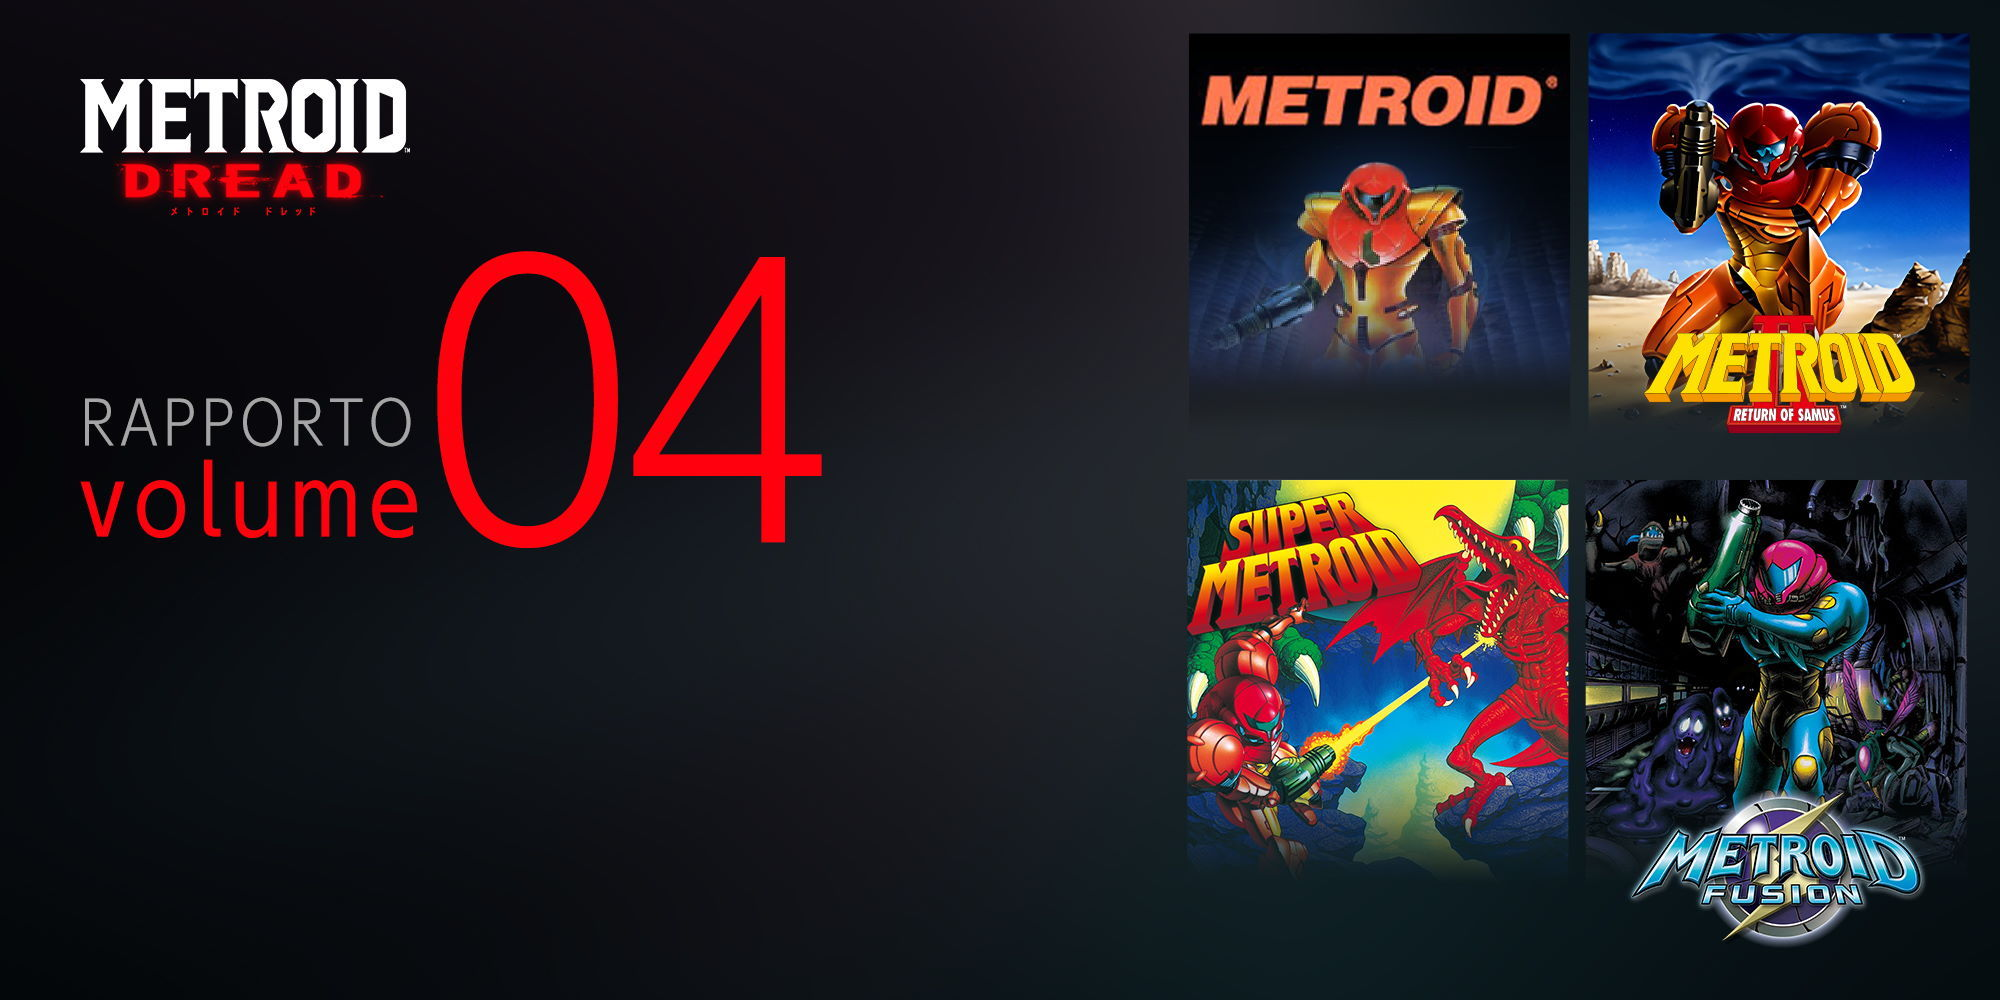 Metroid rapporto 35 anni